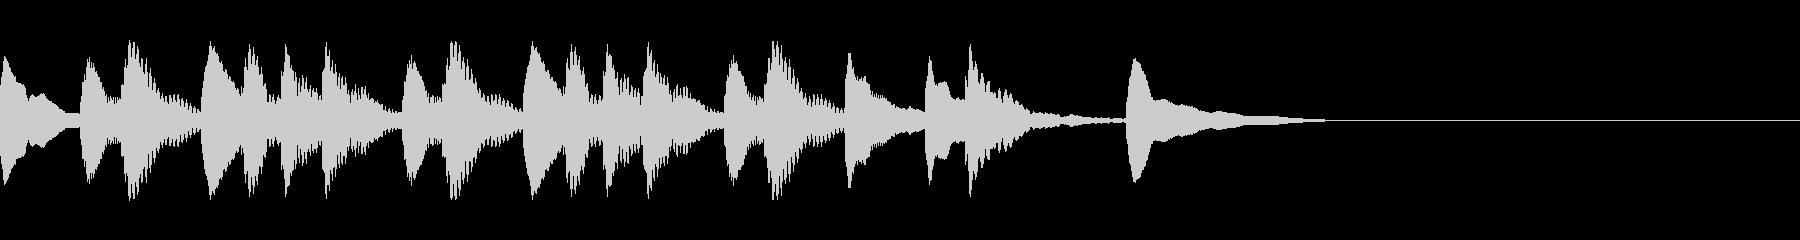 マリンバジングル2 ほのぼのの未再生の波形